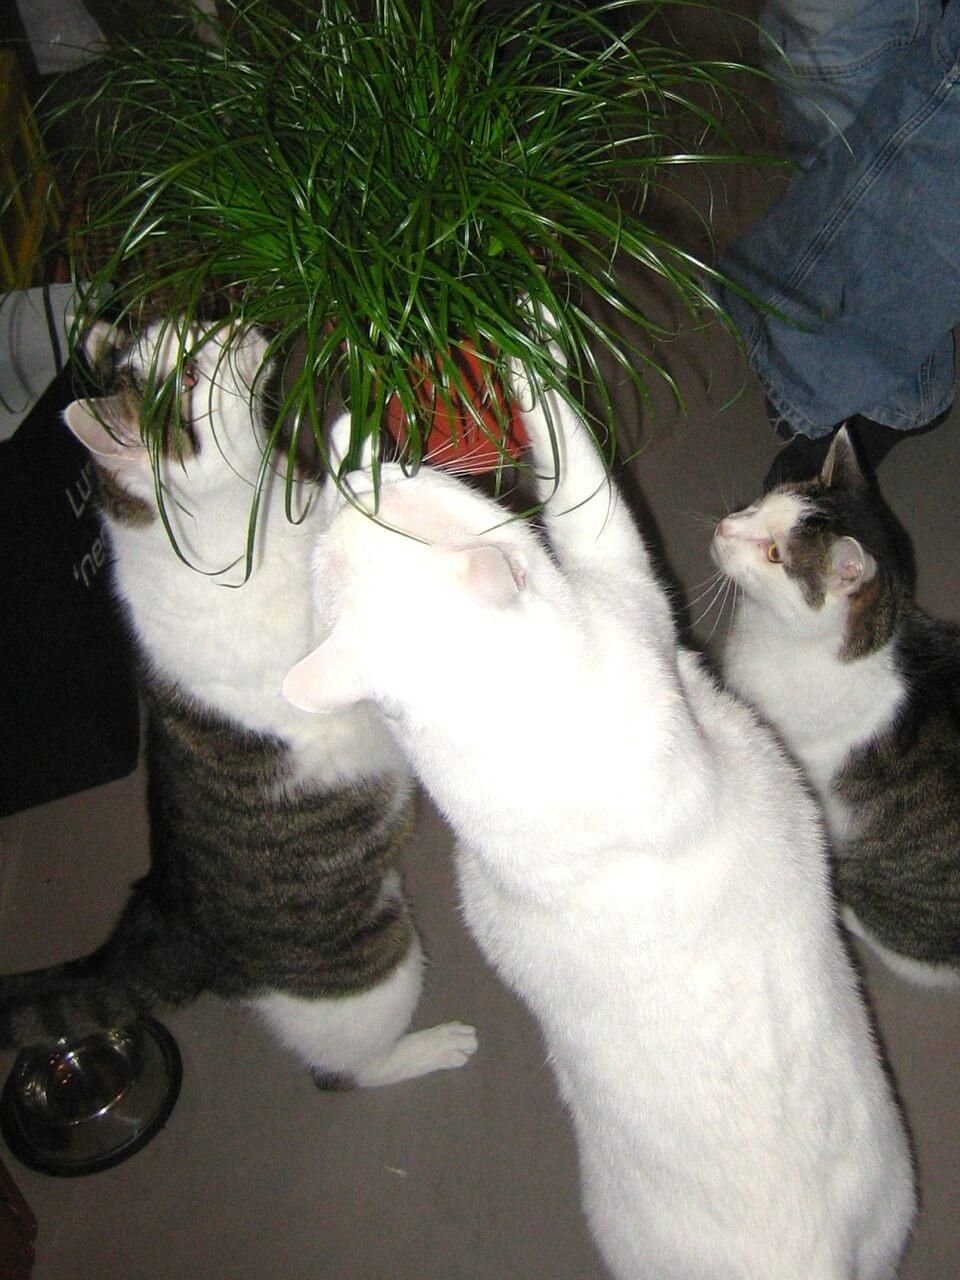 Drei Katzen strecken sich nach einem Topf mit Gras